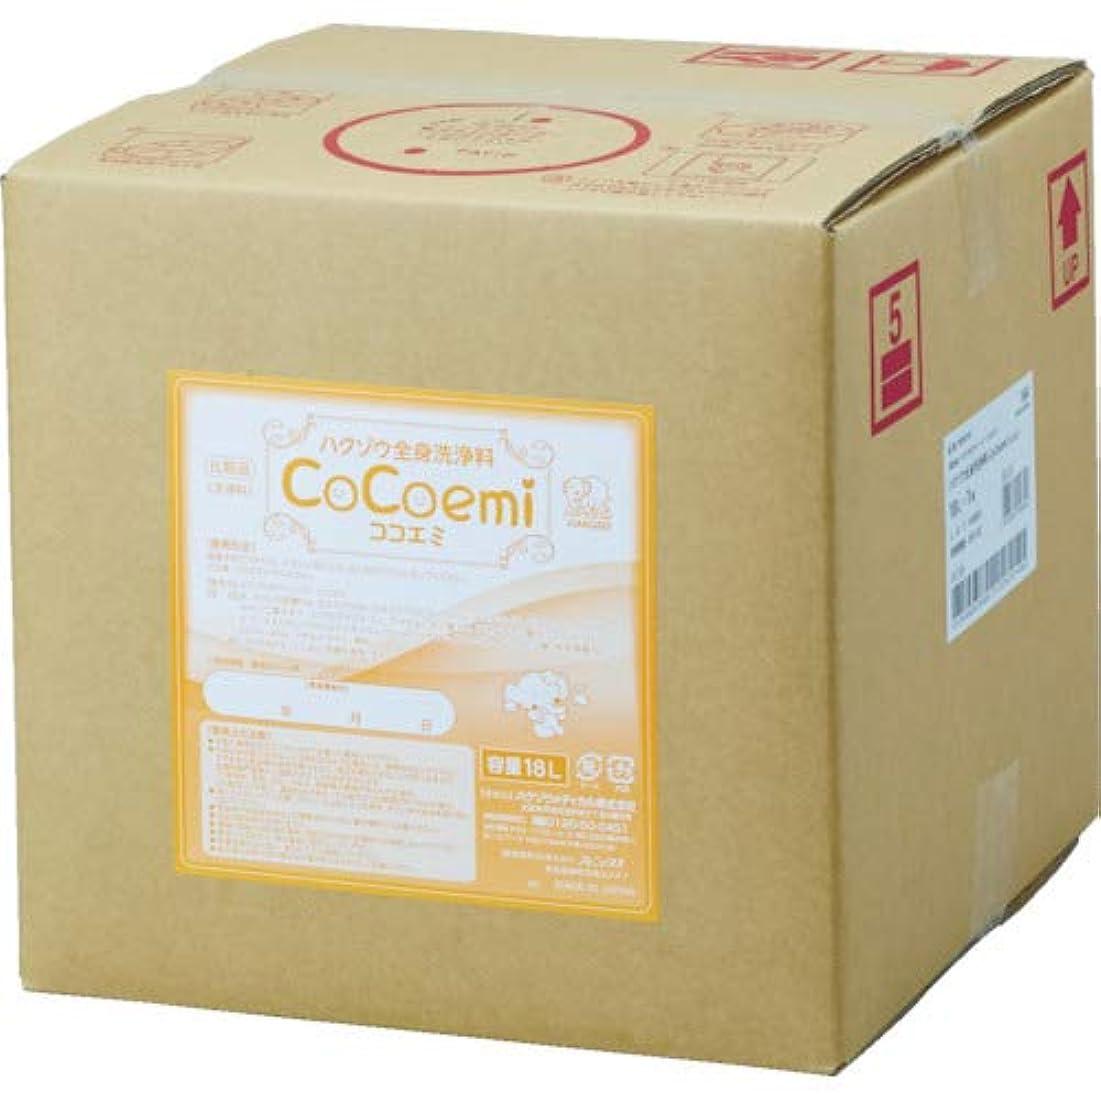 謎めいたブロック逃れるハクゾウメディカル ハクゾウ全身洗浄料CoCoemi(ココエミ) 18L 3009018